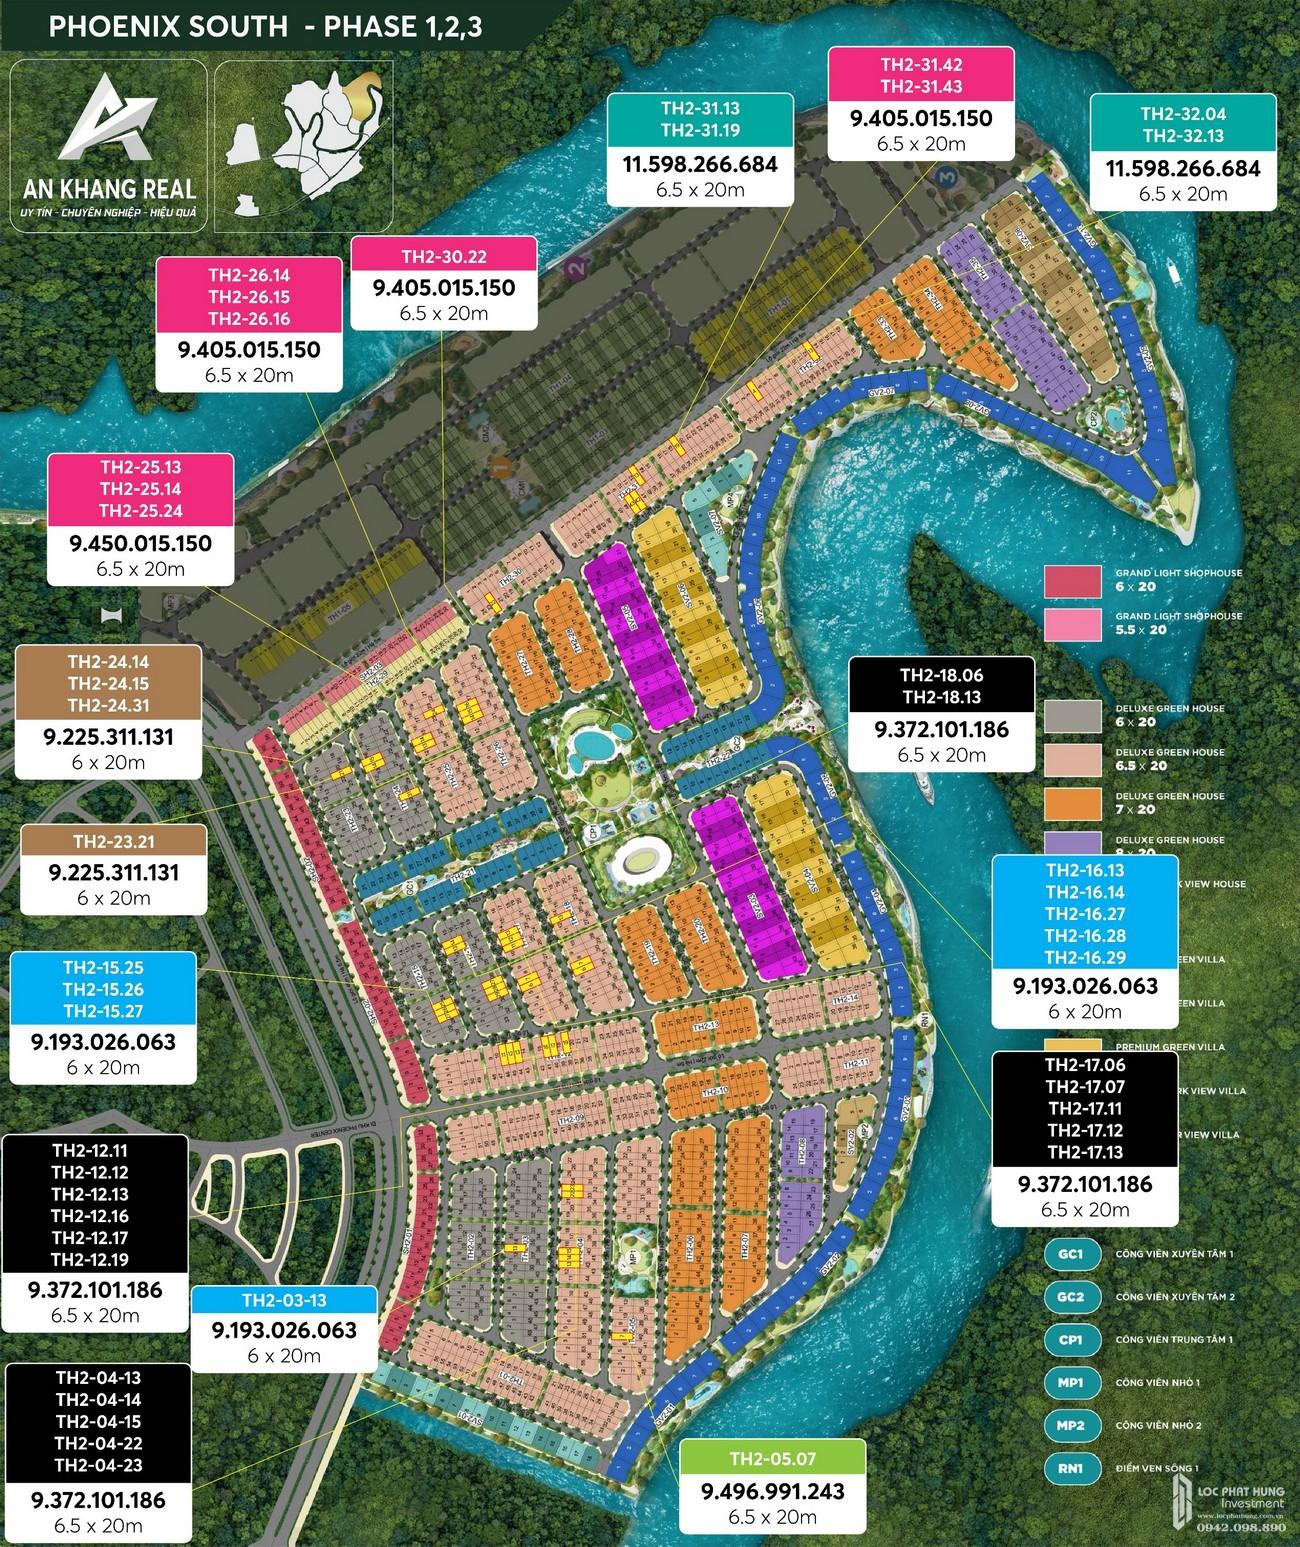 Giá bán phân khu Phoenix South - Aqua City Đồng Nai